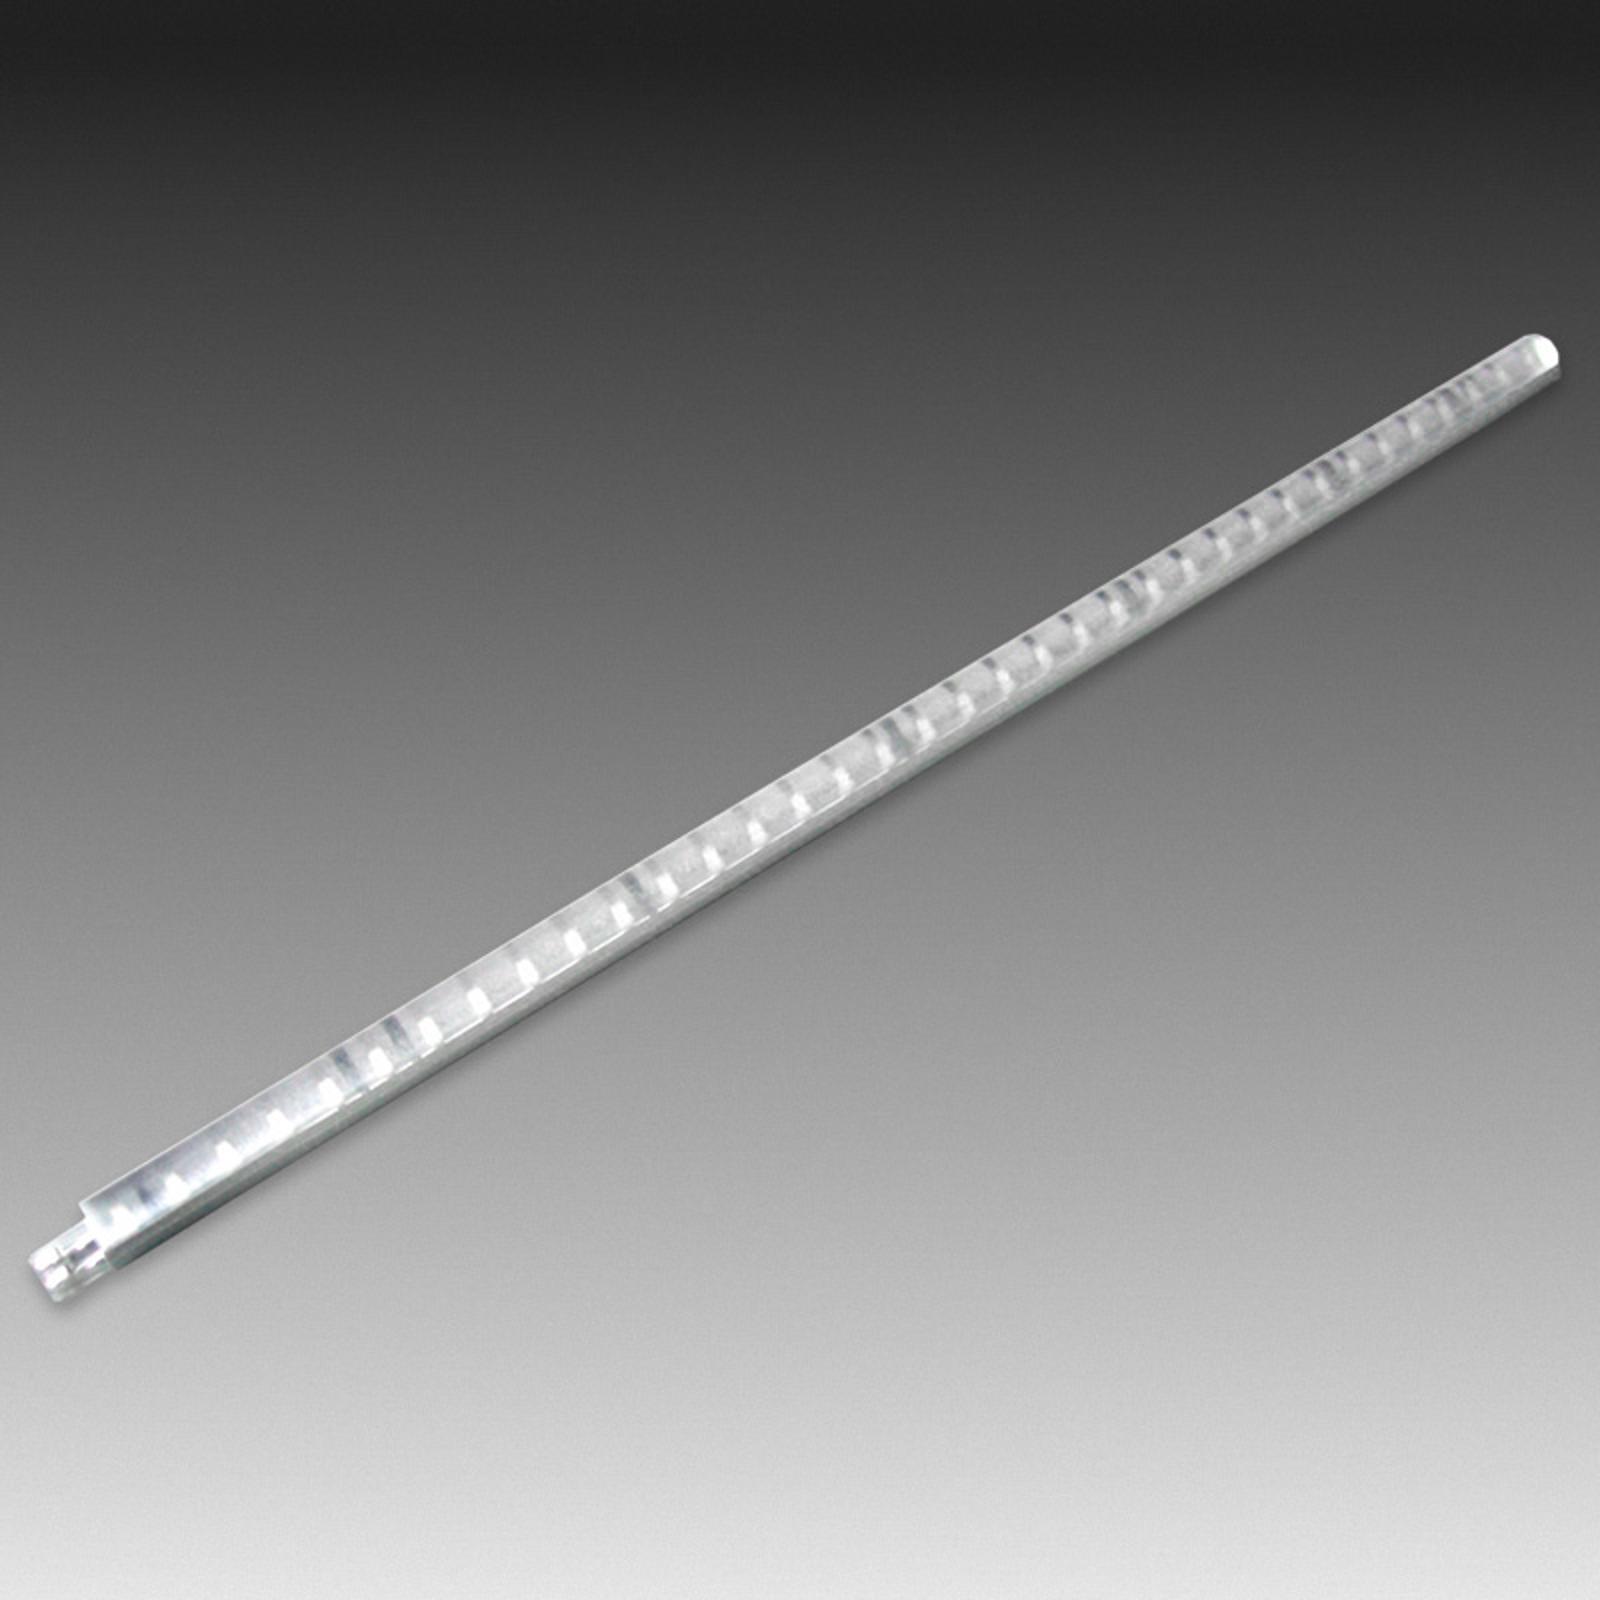 LED STICK 2 LED-stav for møbler dagslys